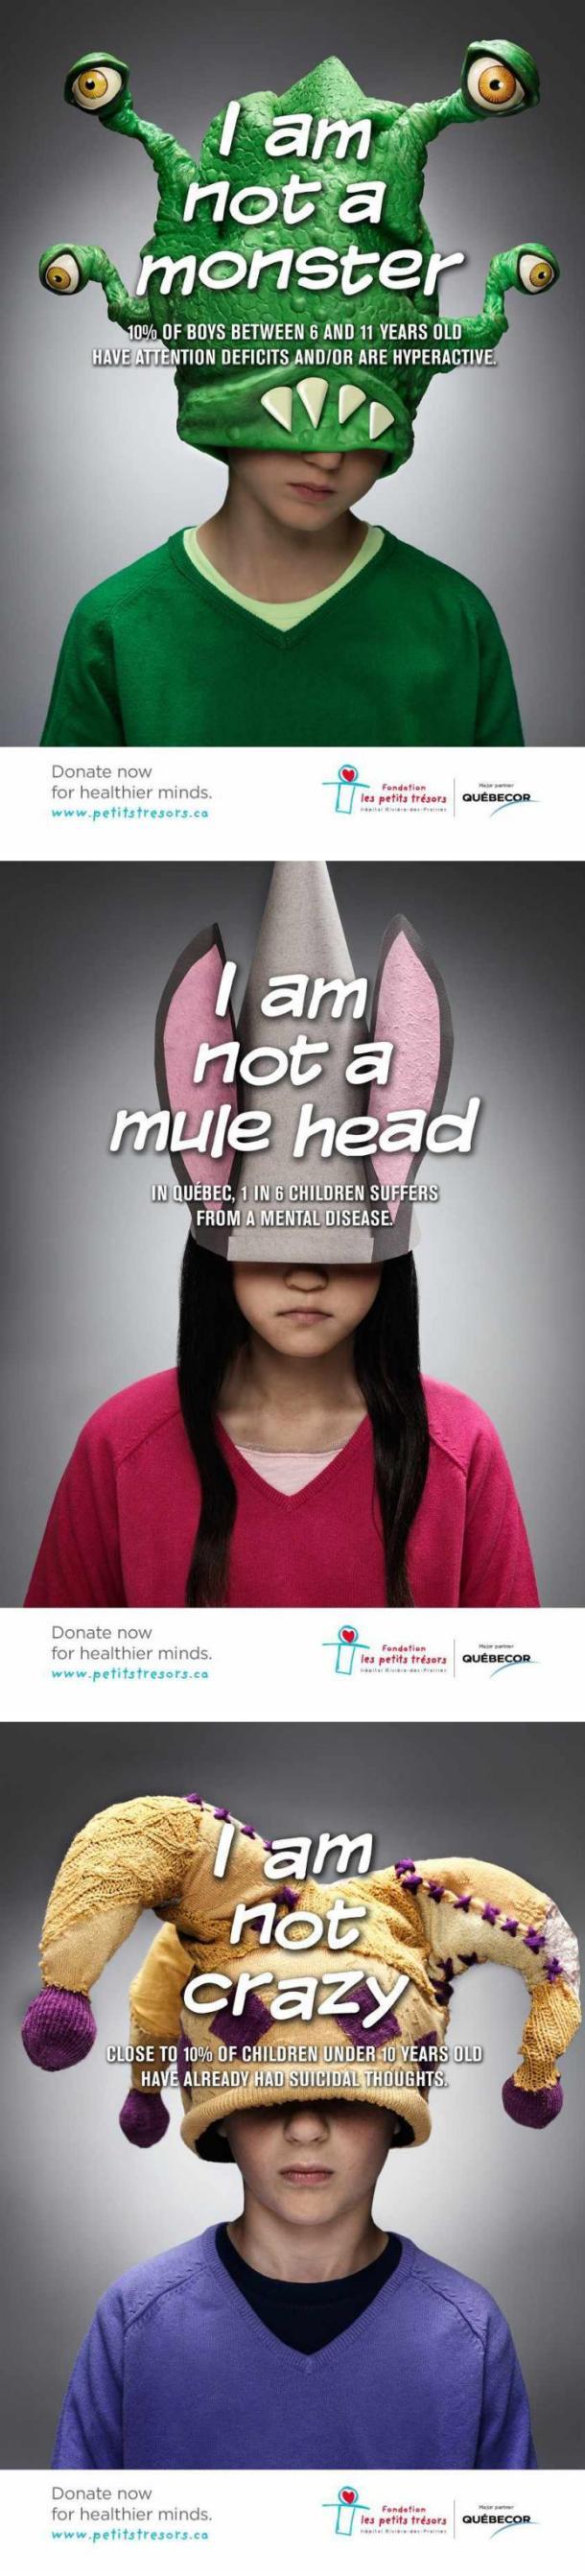 Cartazes de uma recente campanha canadense que alerta para os cuidados em saúde mental para crianças